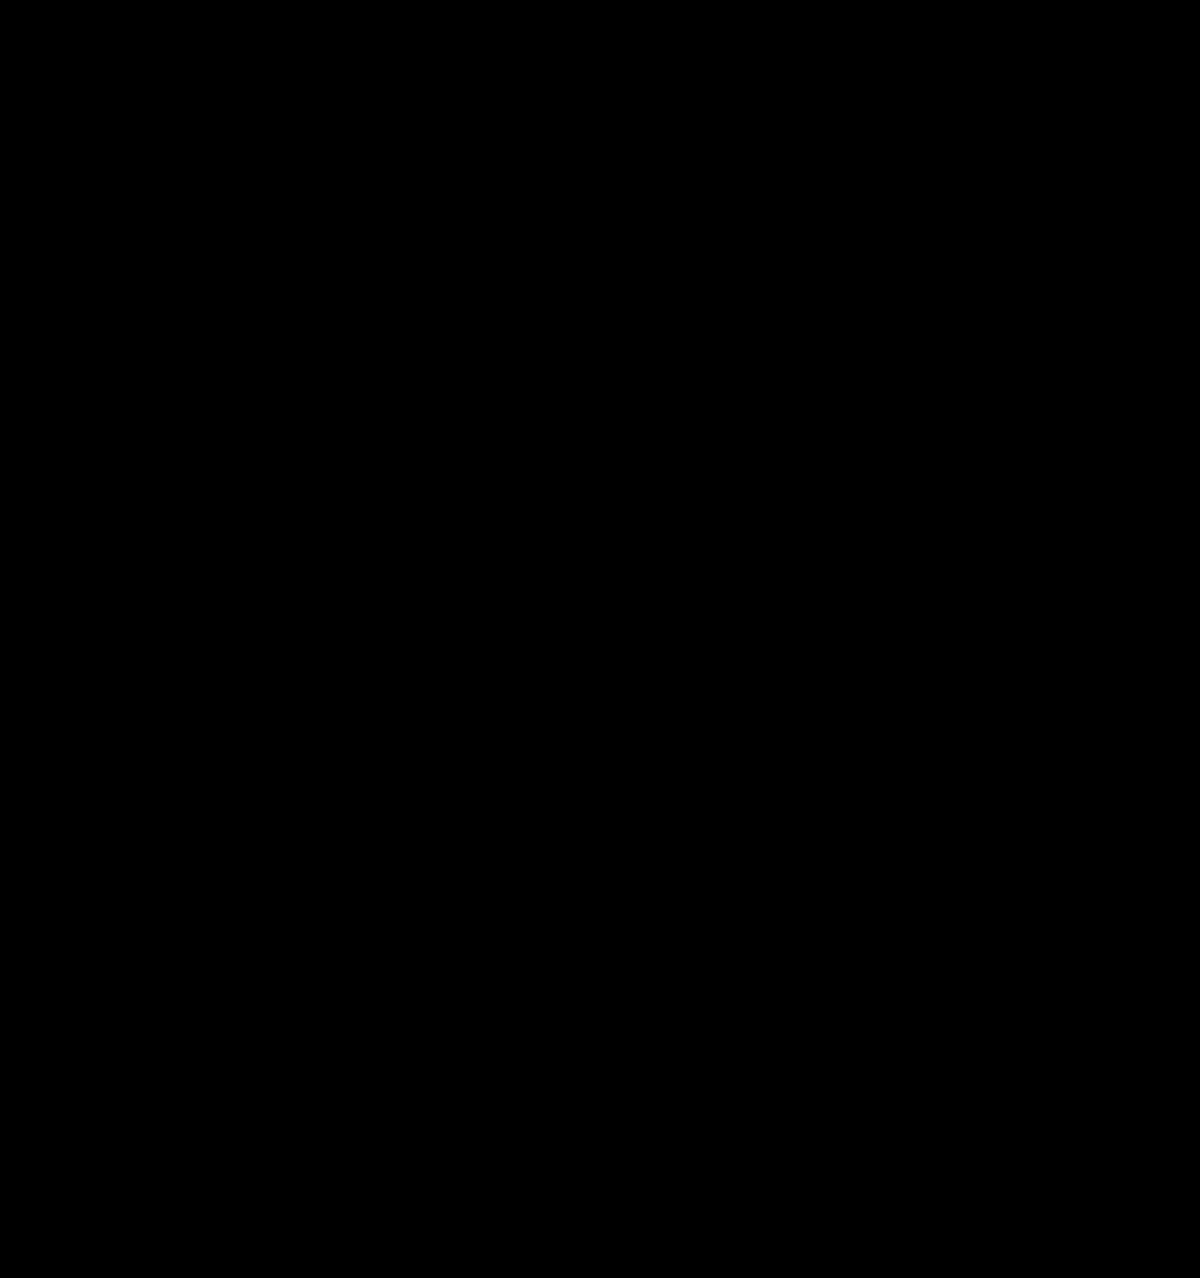 8a4eecd282cdc16303833ca05d8787e1dce592a5